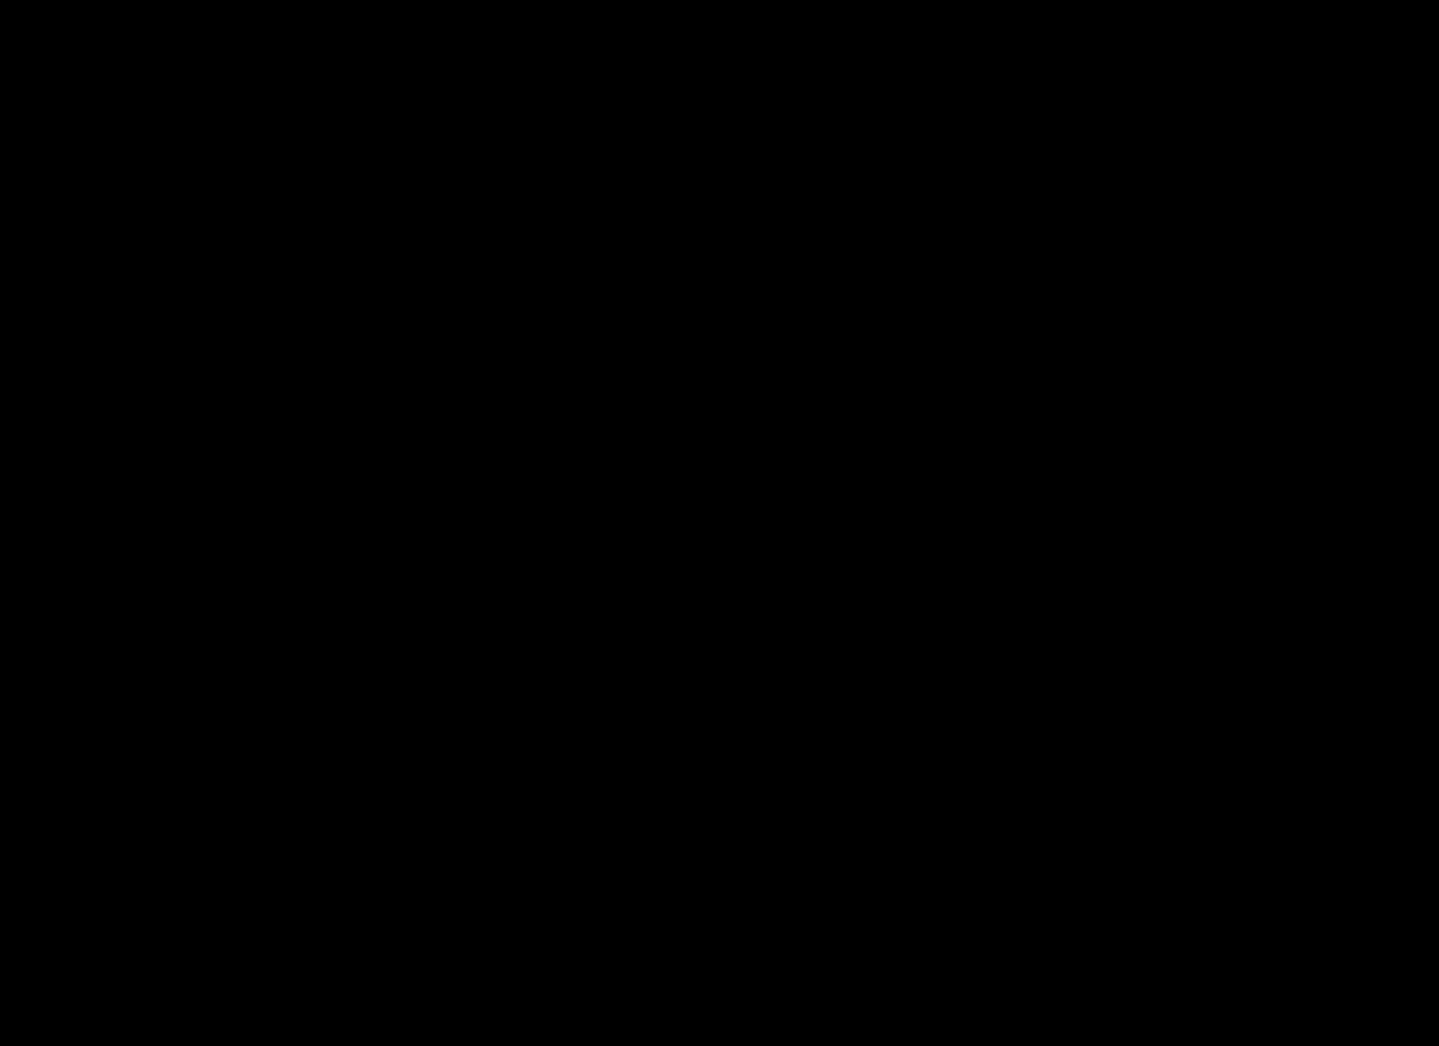 微分方程式を用いた解法(RLC回...